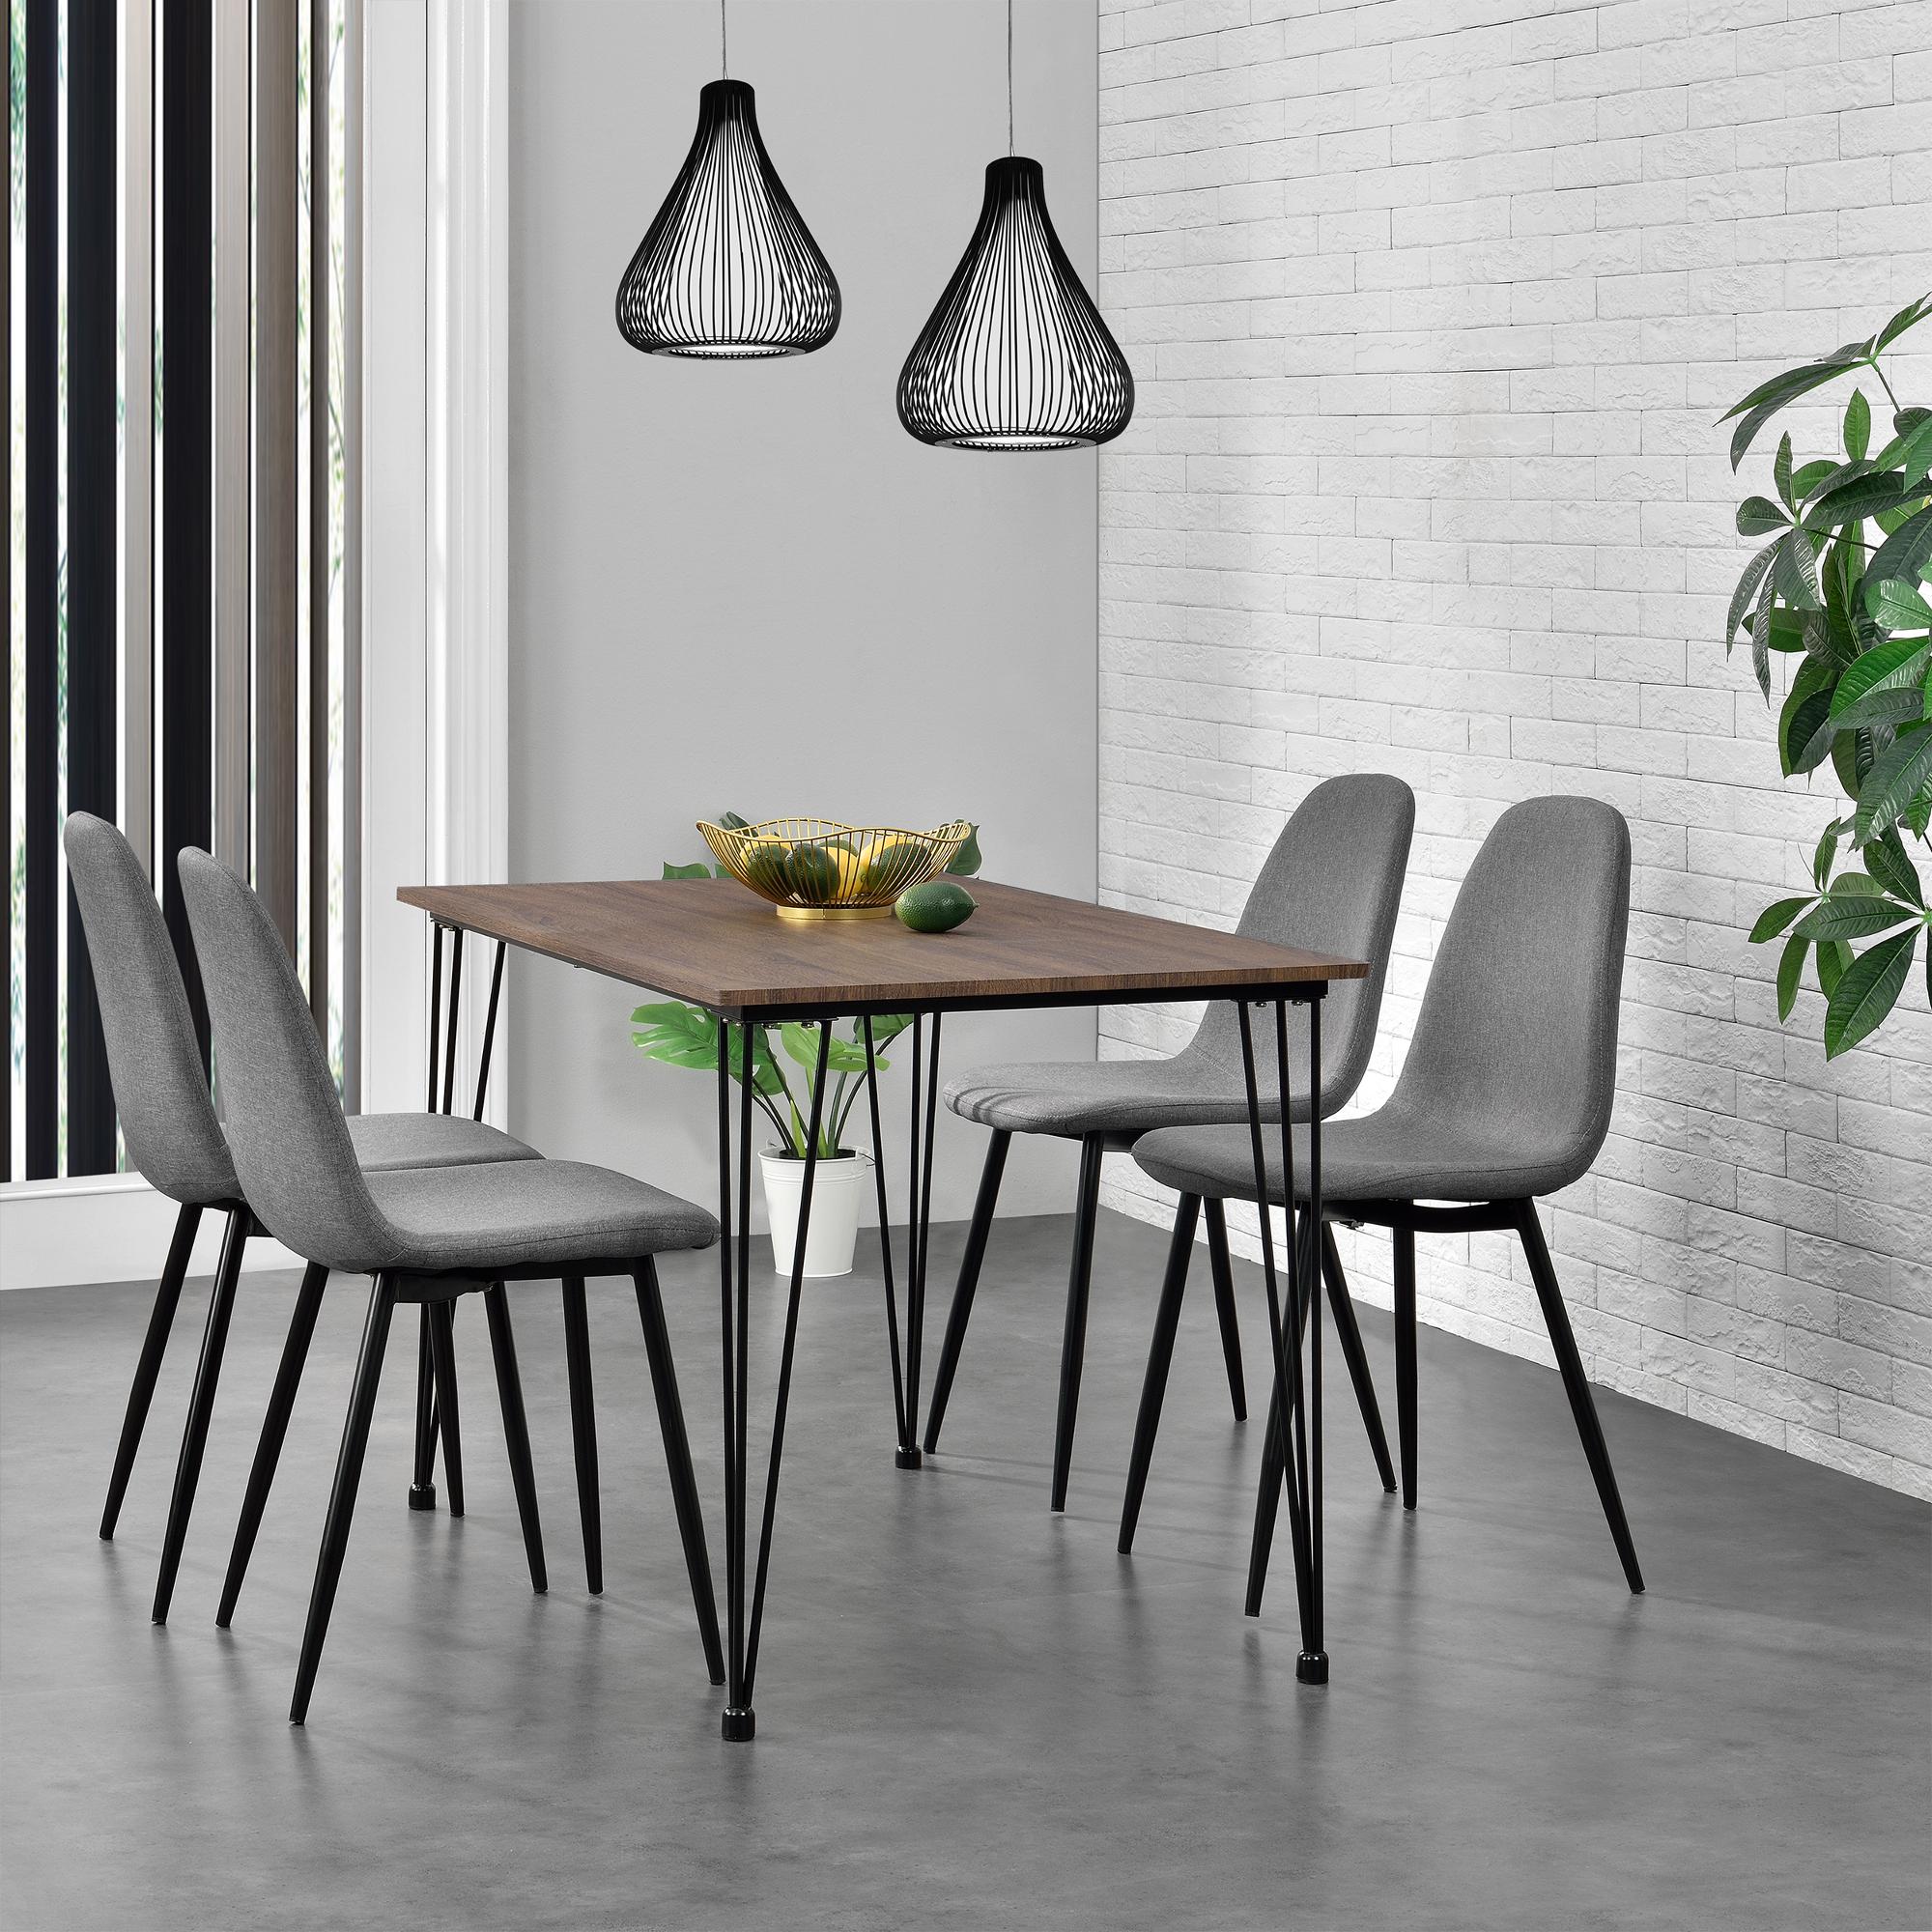 Tavolo da Pranzo con 4 Sedie Grigio 120x70cm Cucina Sala MDF | eBay